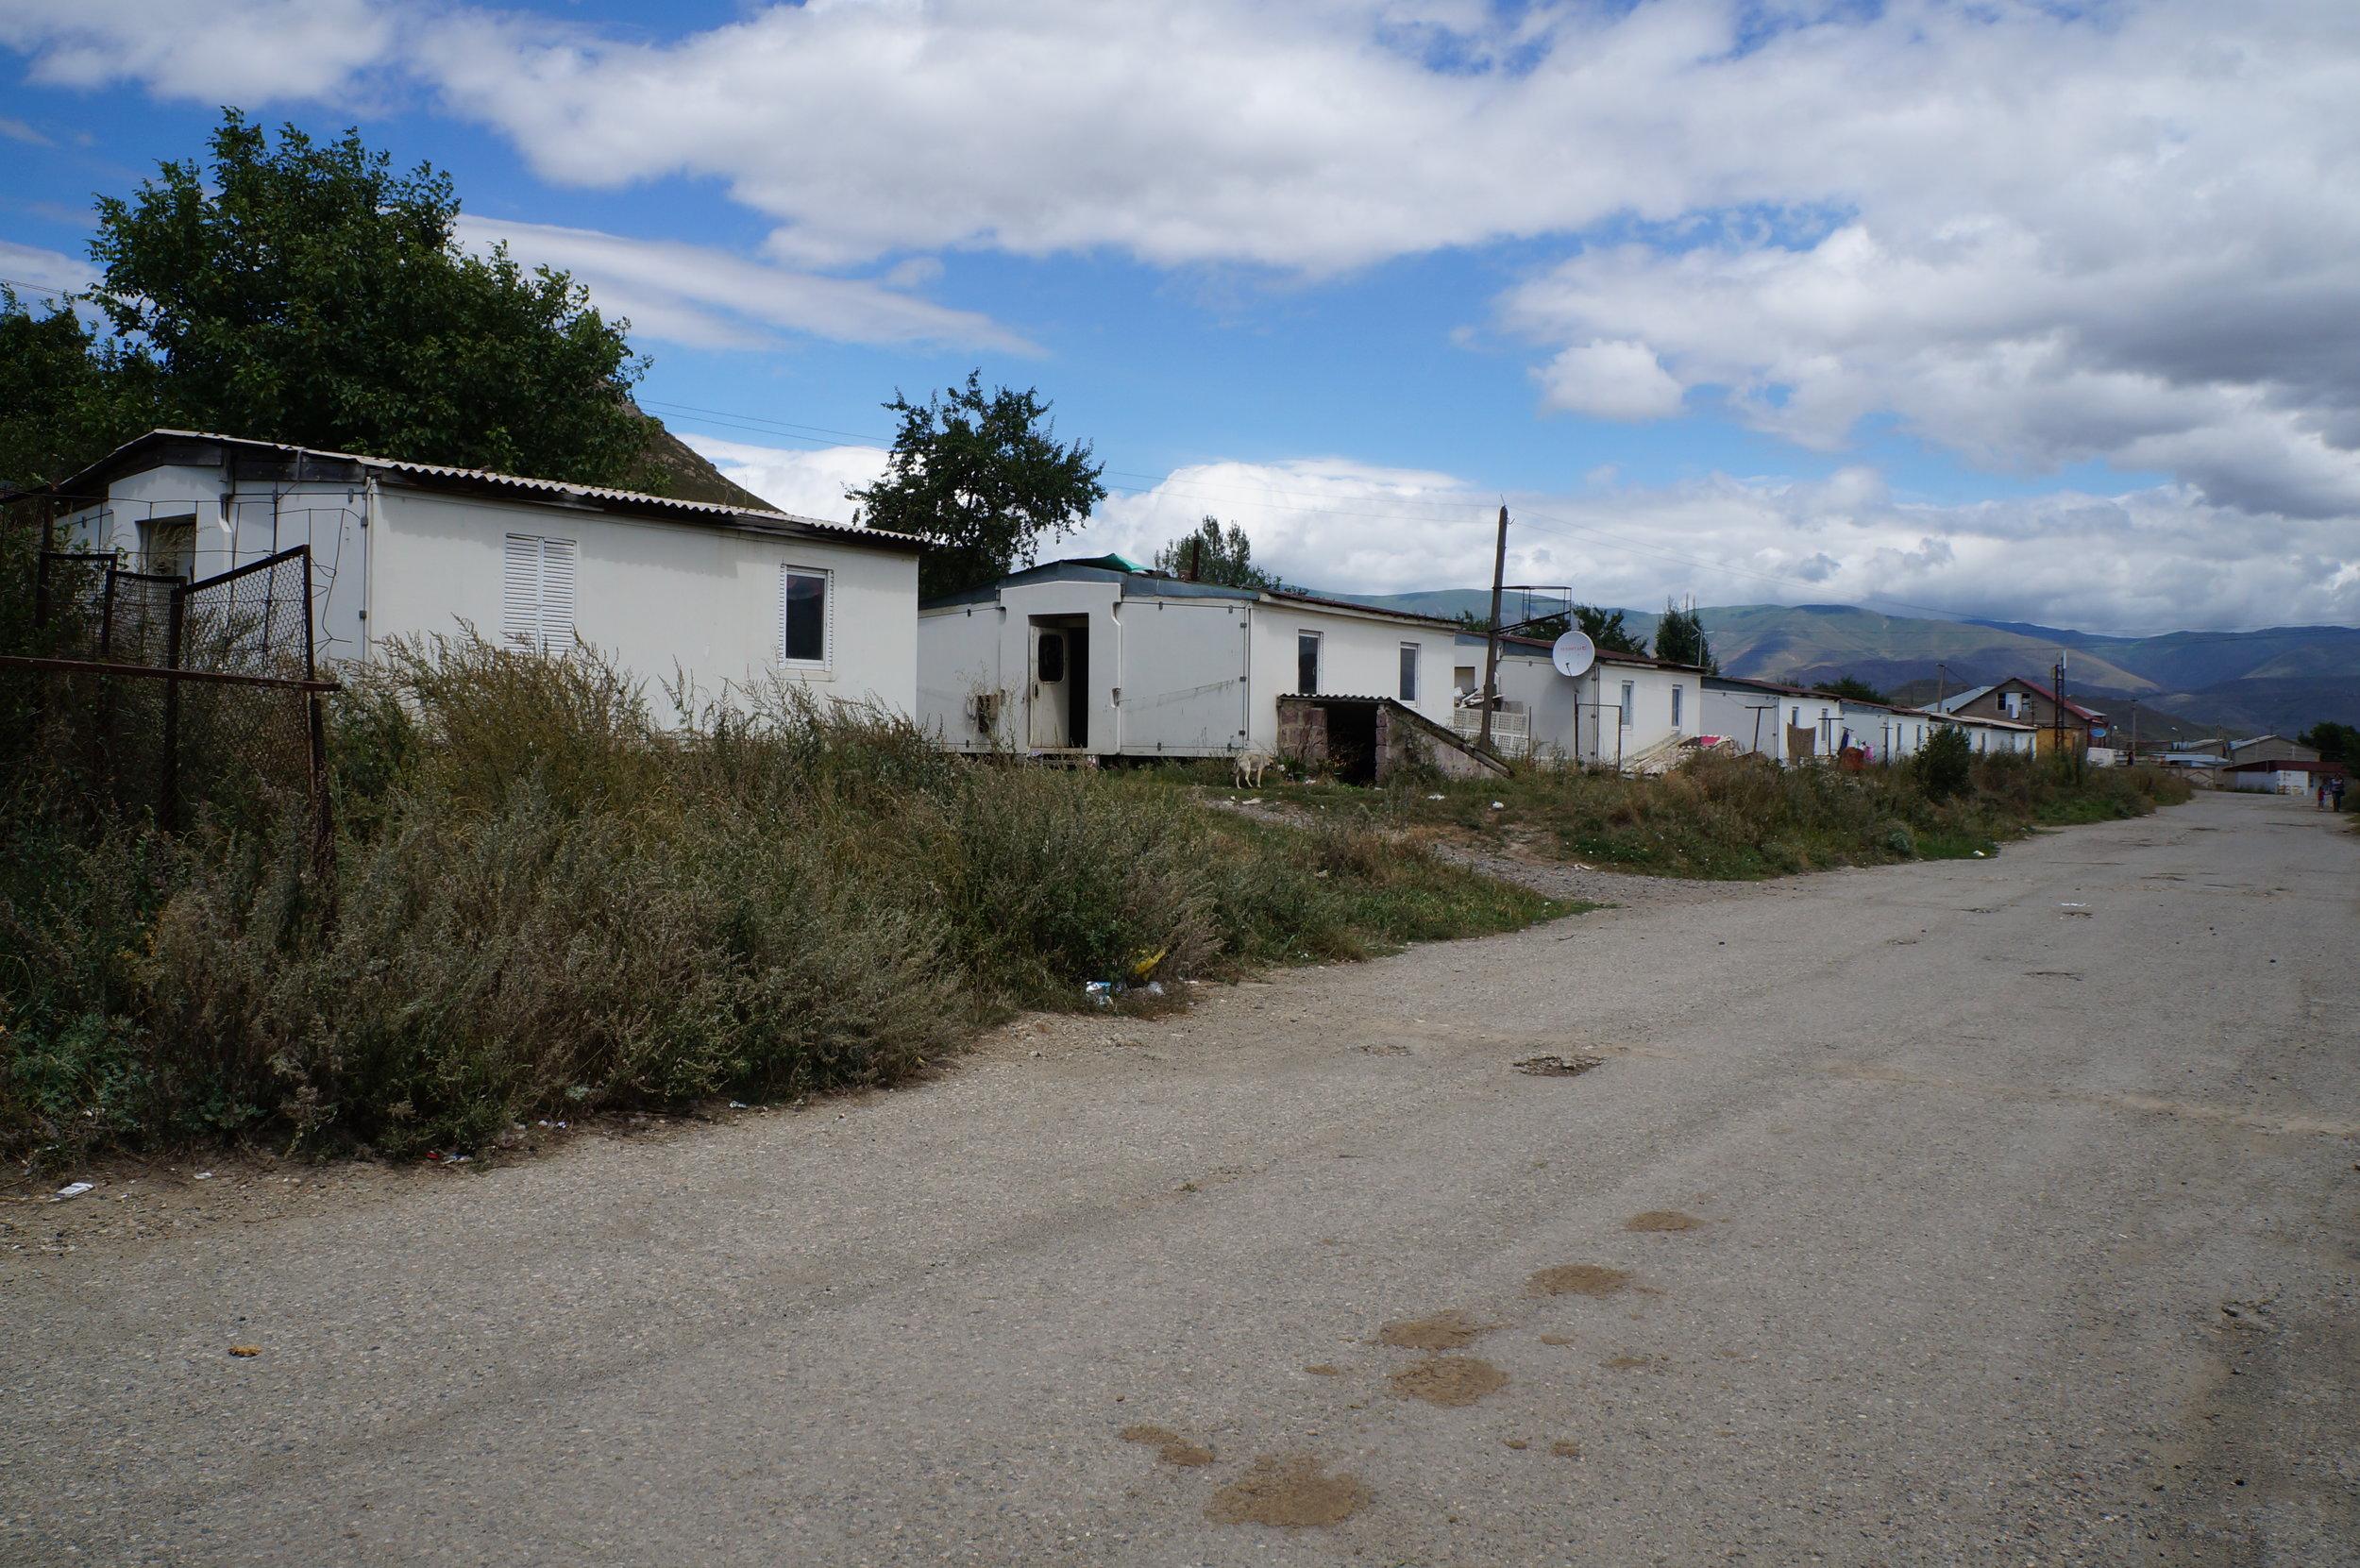 Իտալական ձևով կառուցված դոմիկների (փոքր, ժամանակավոր տներ) շարք Սպիտակում, որտեղ դեռ ապրում են ընտանիքներ: